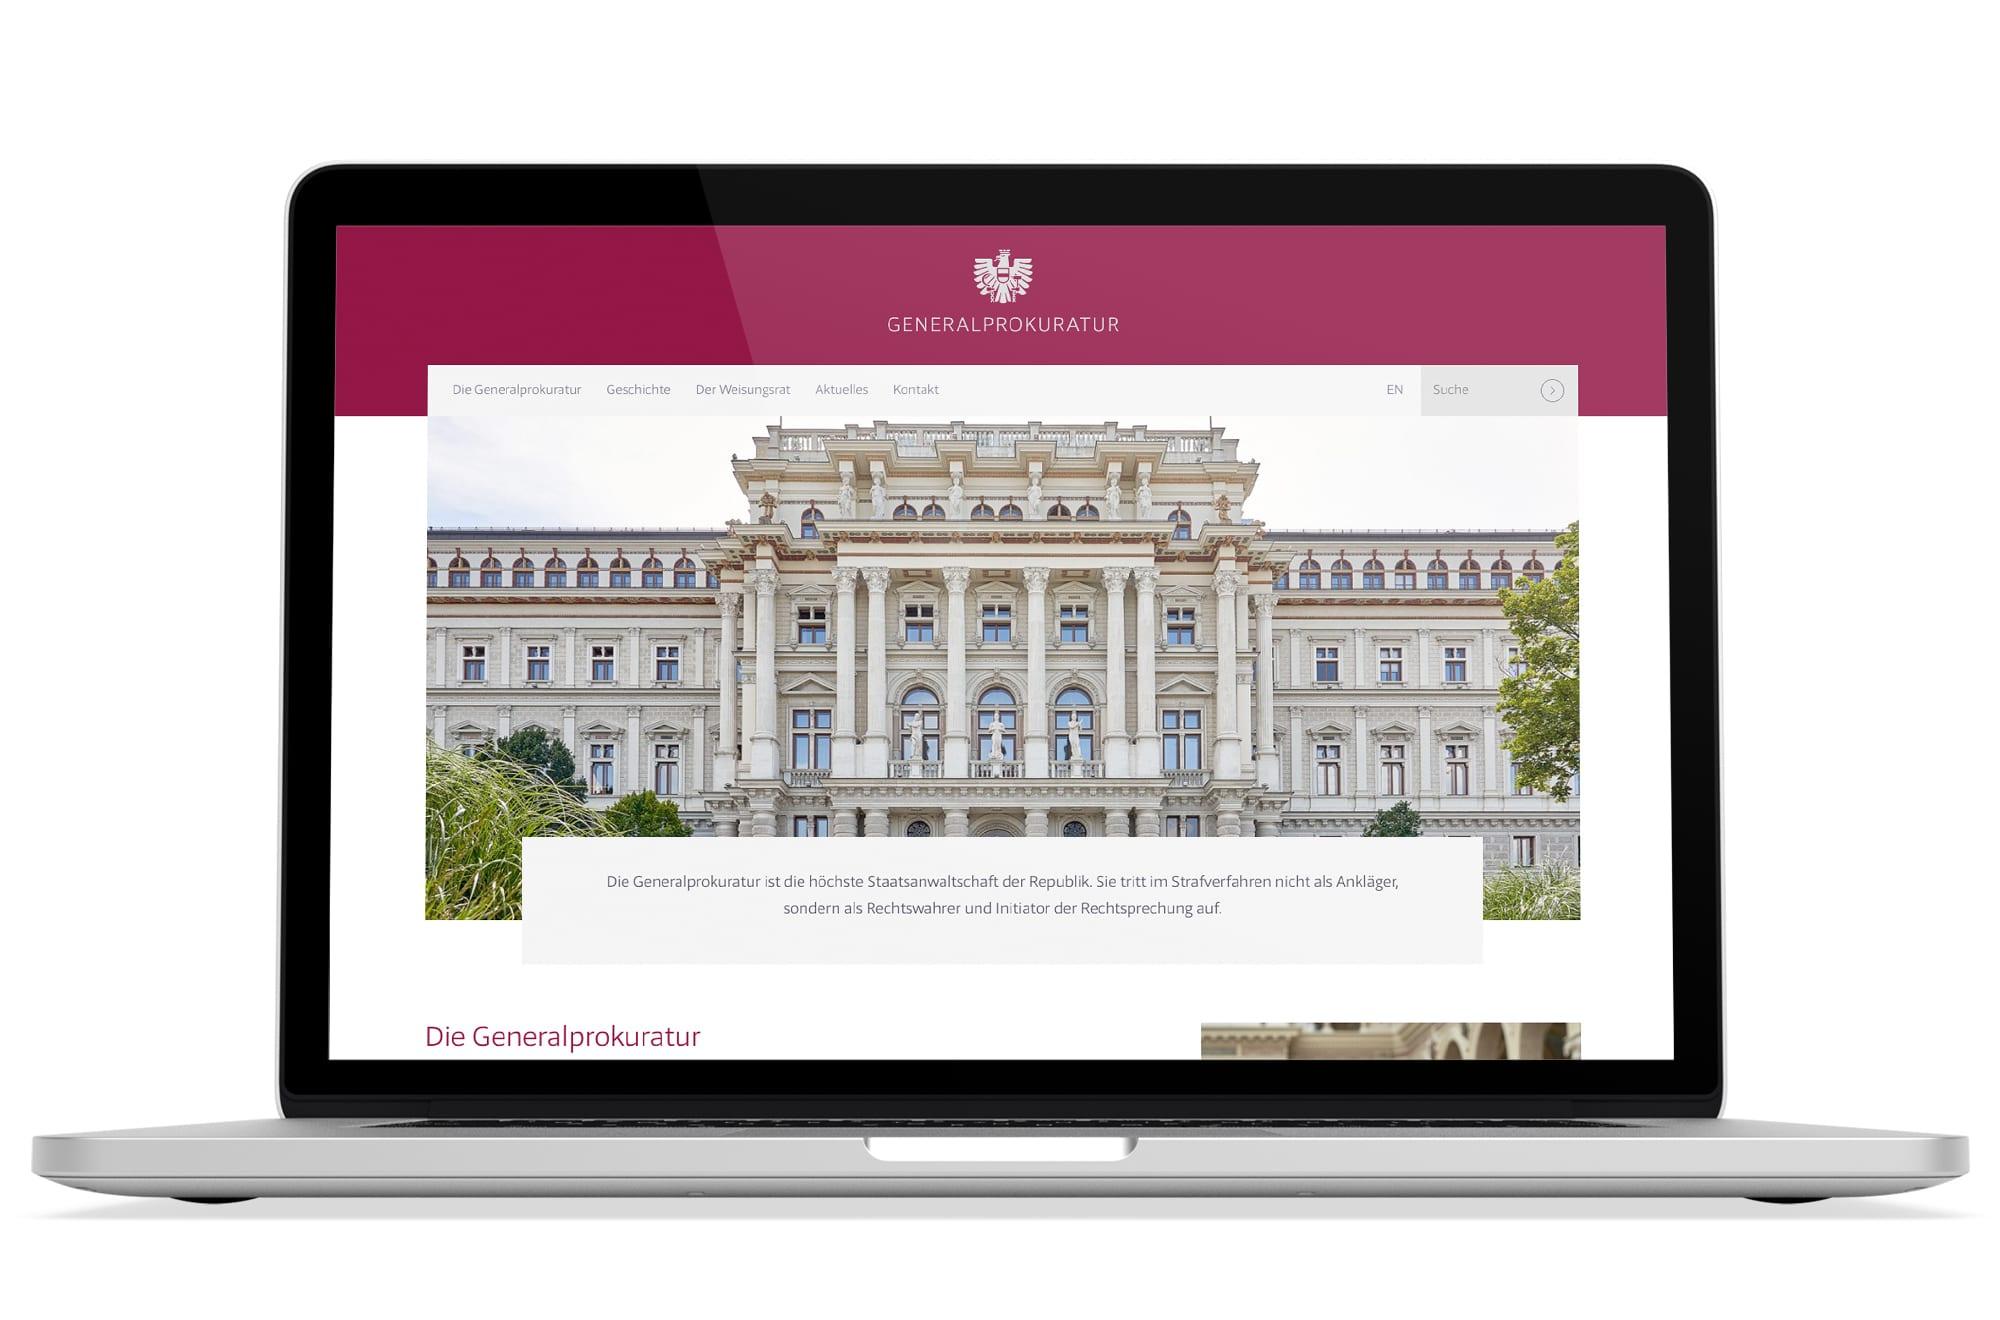 Webdesign Beispiel: Logodesign, Responsive Webdesign für Gerichtshof